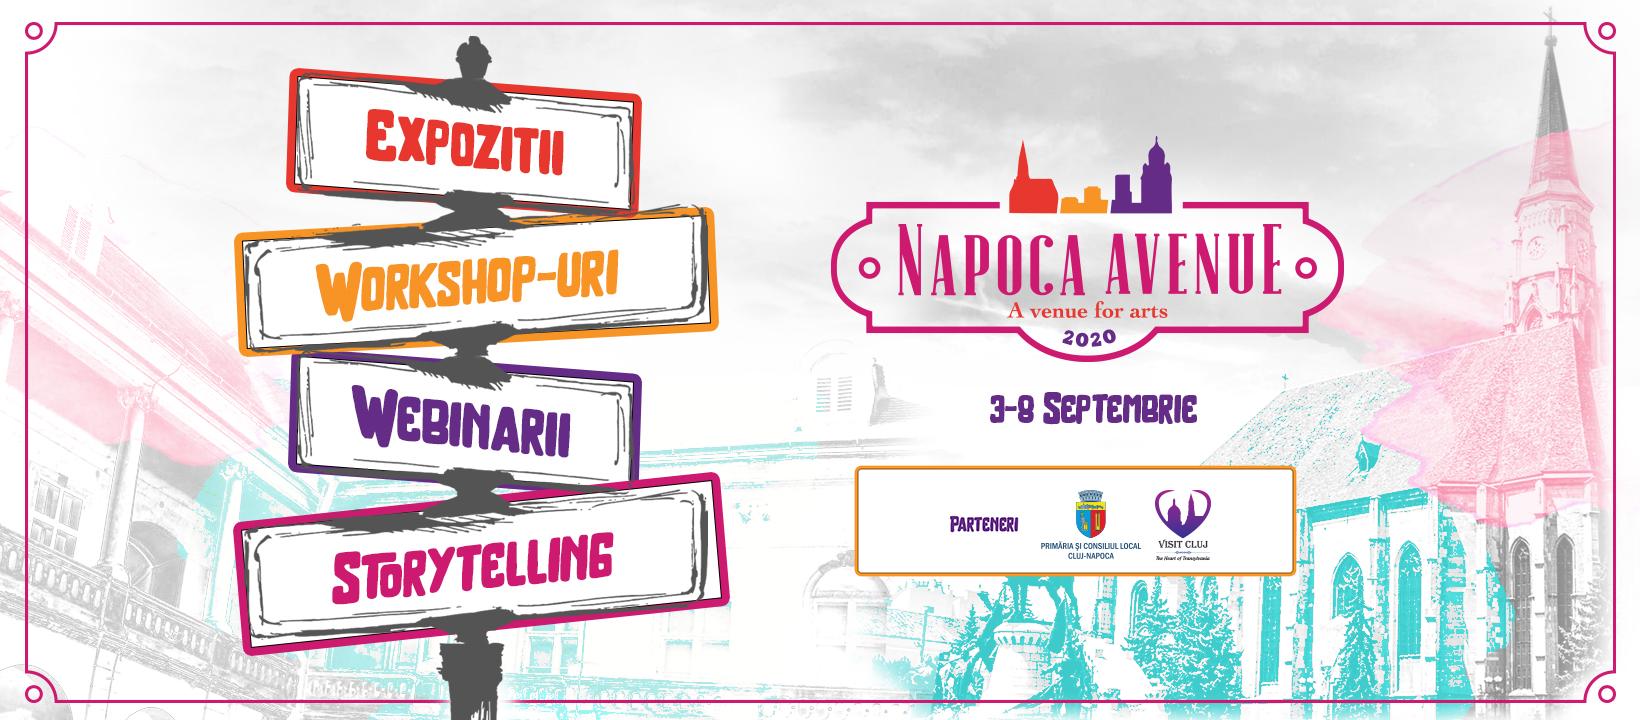 napoca avenue 2020 (1)